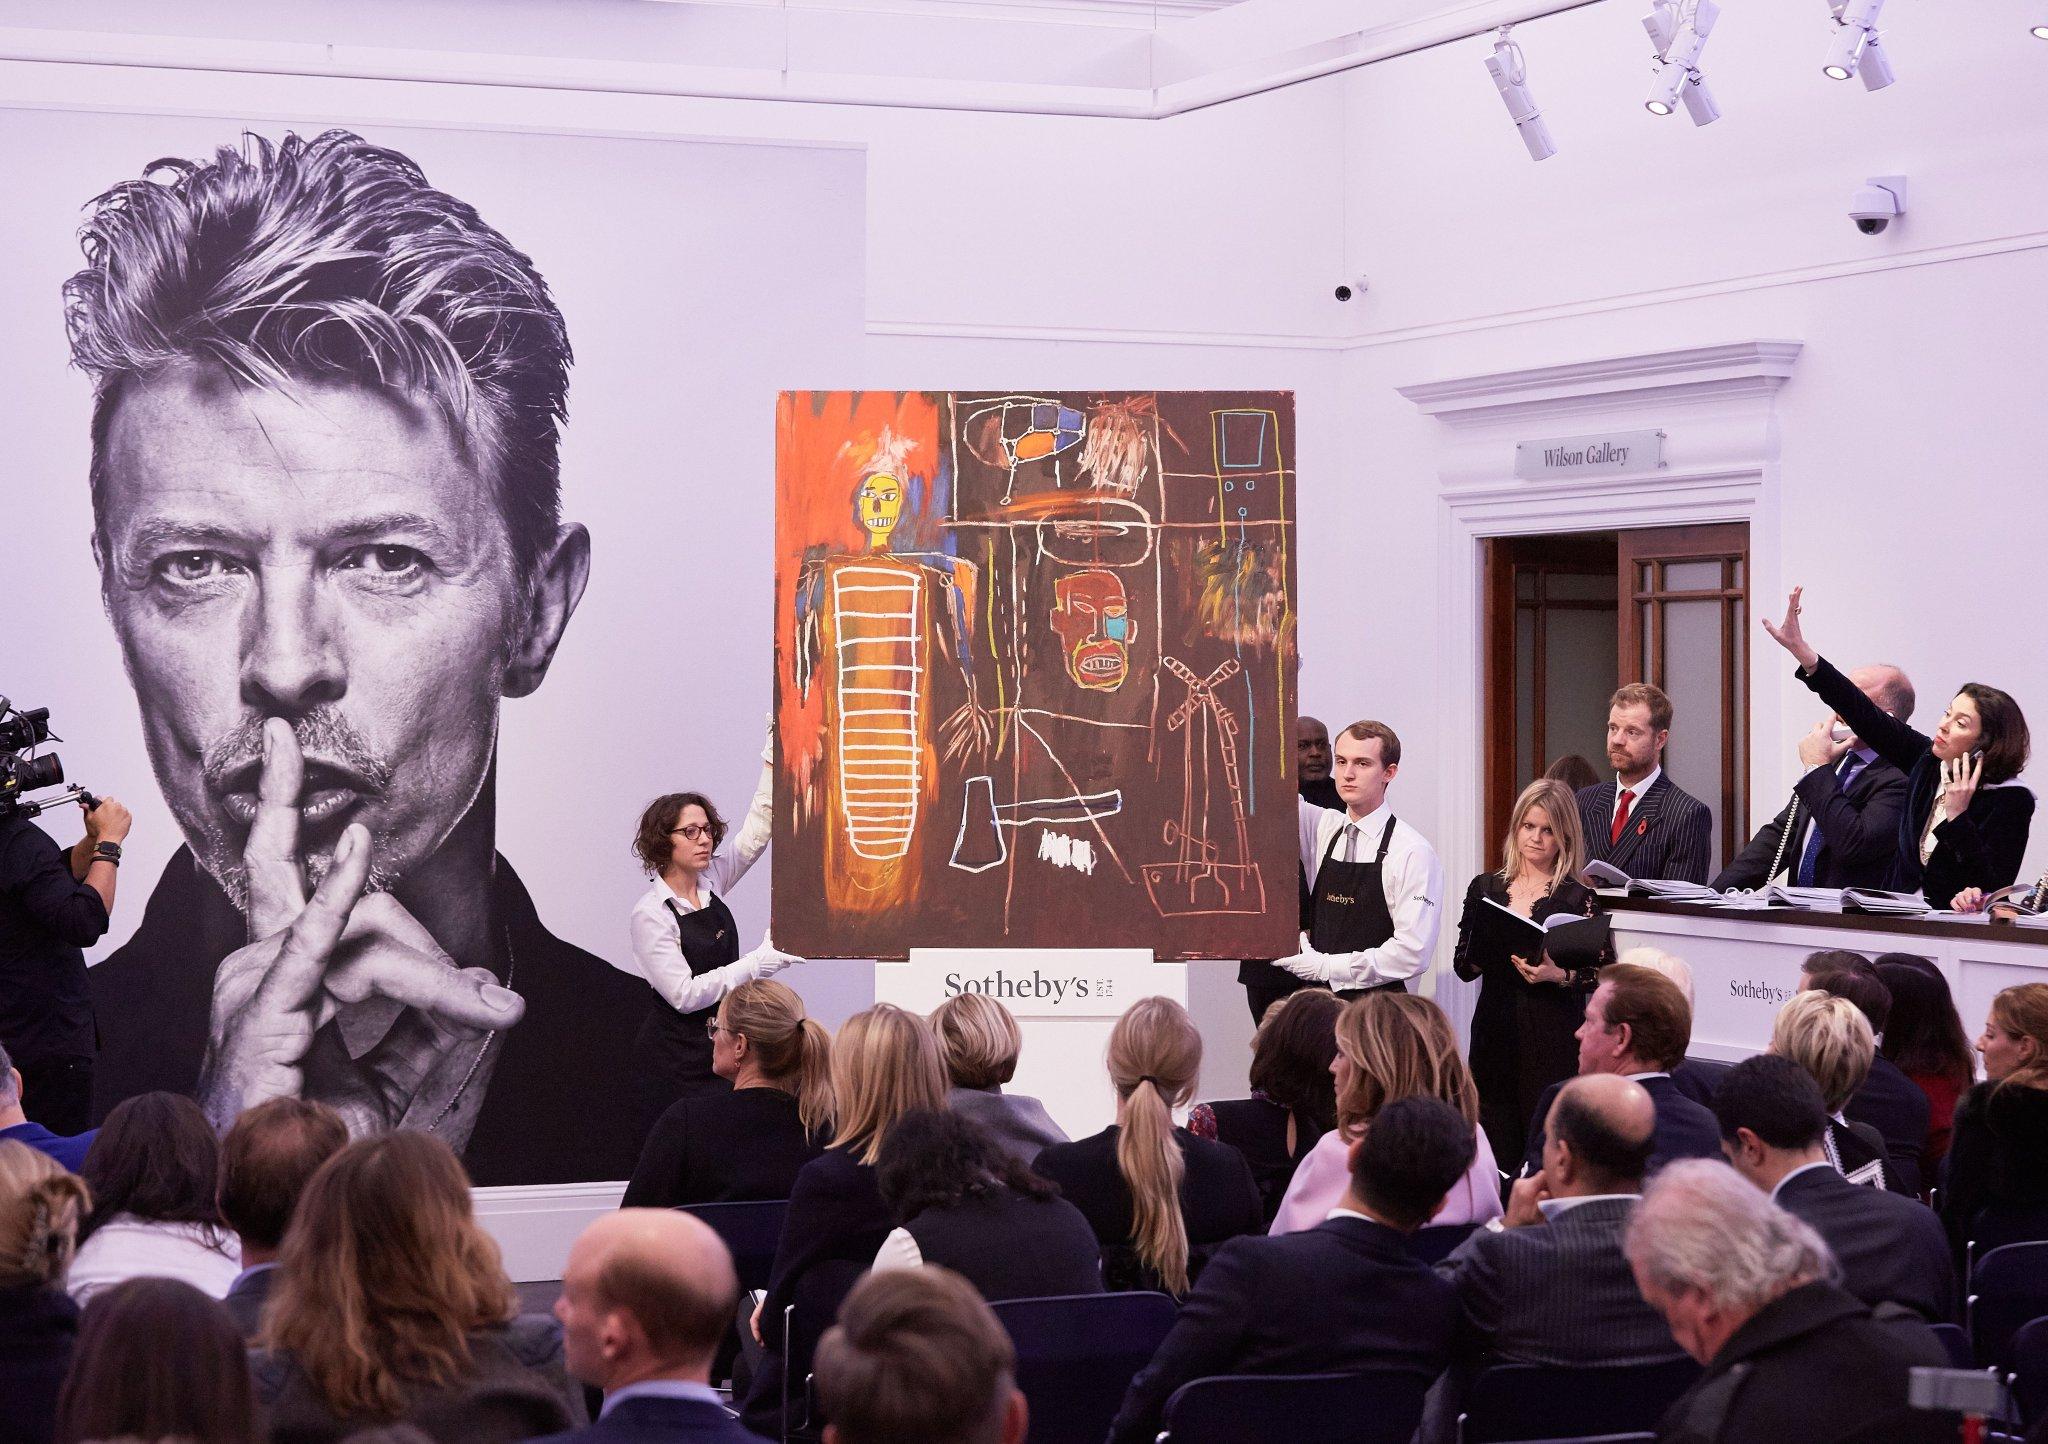 Частная коллекция произведений искусства Дэвида Боуи была распродана за более чем 40 миллионов долларов 6